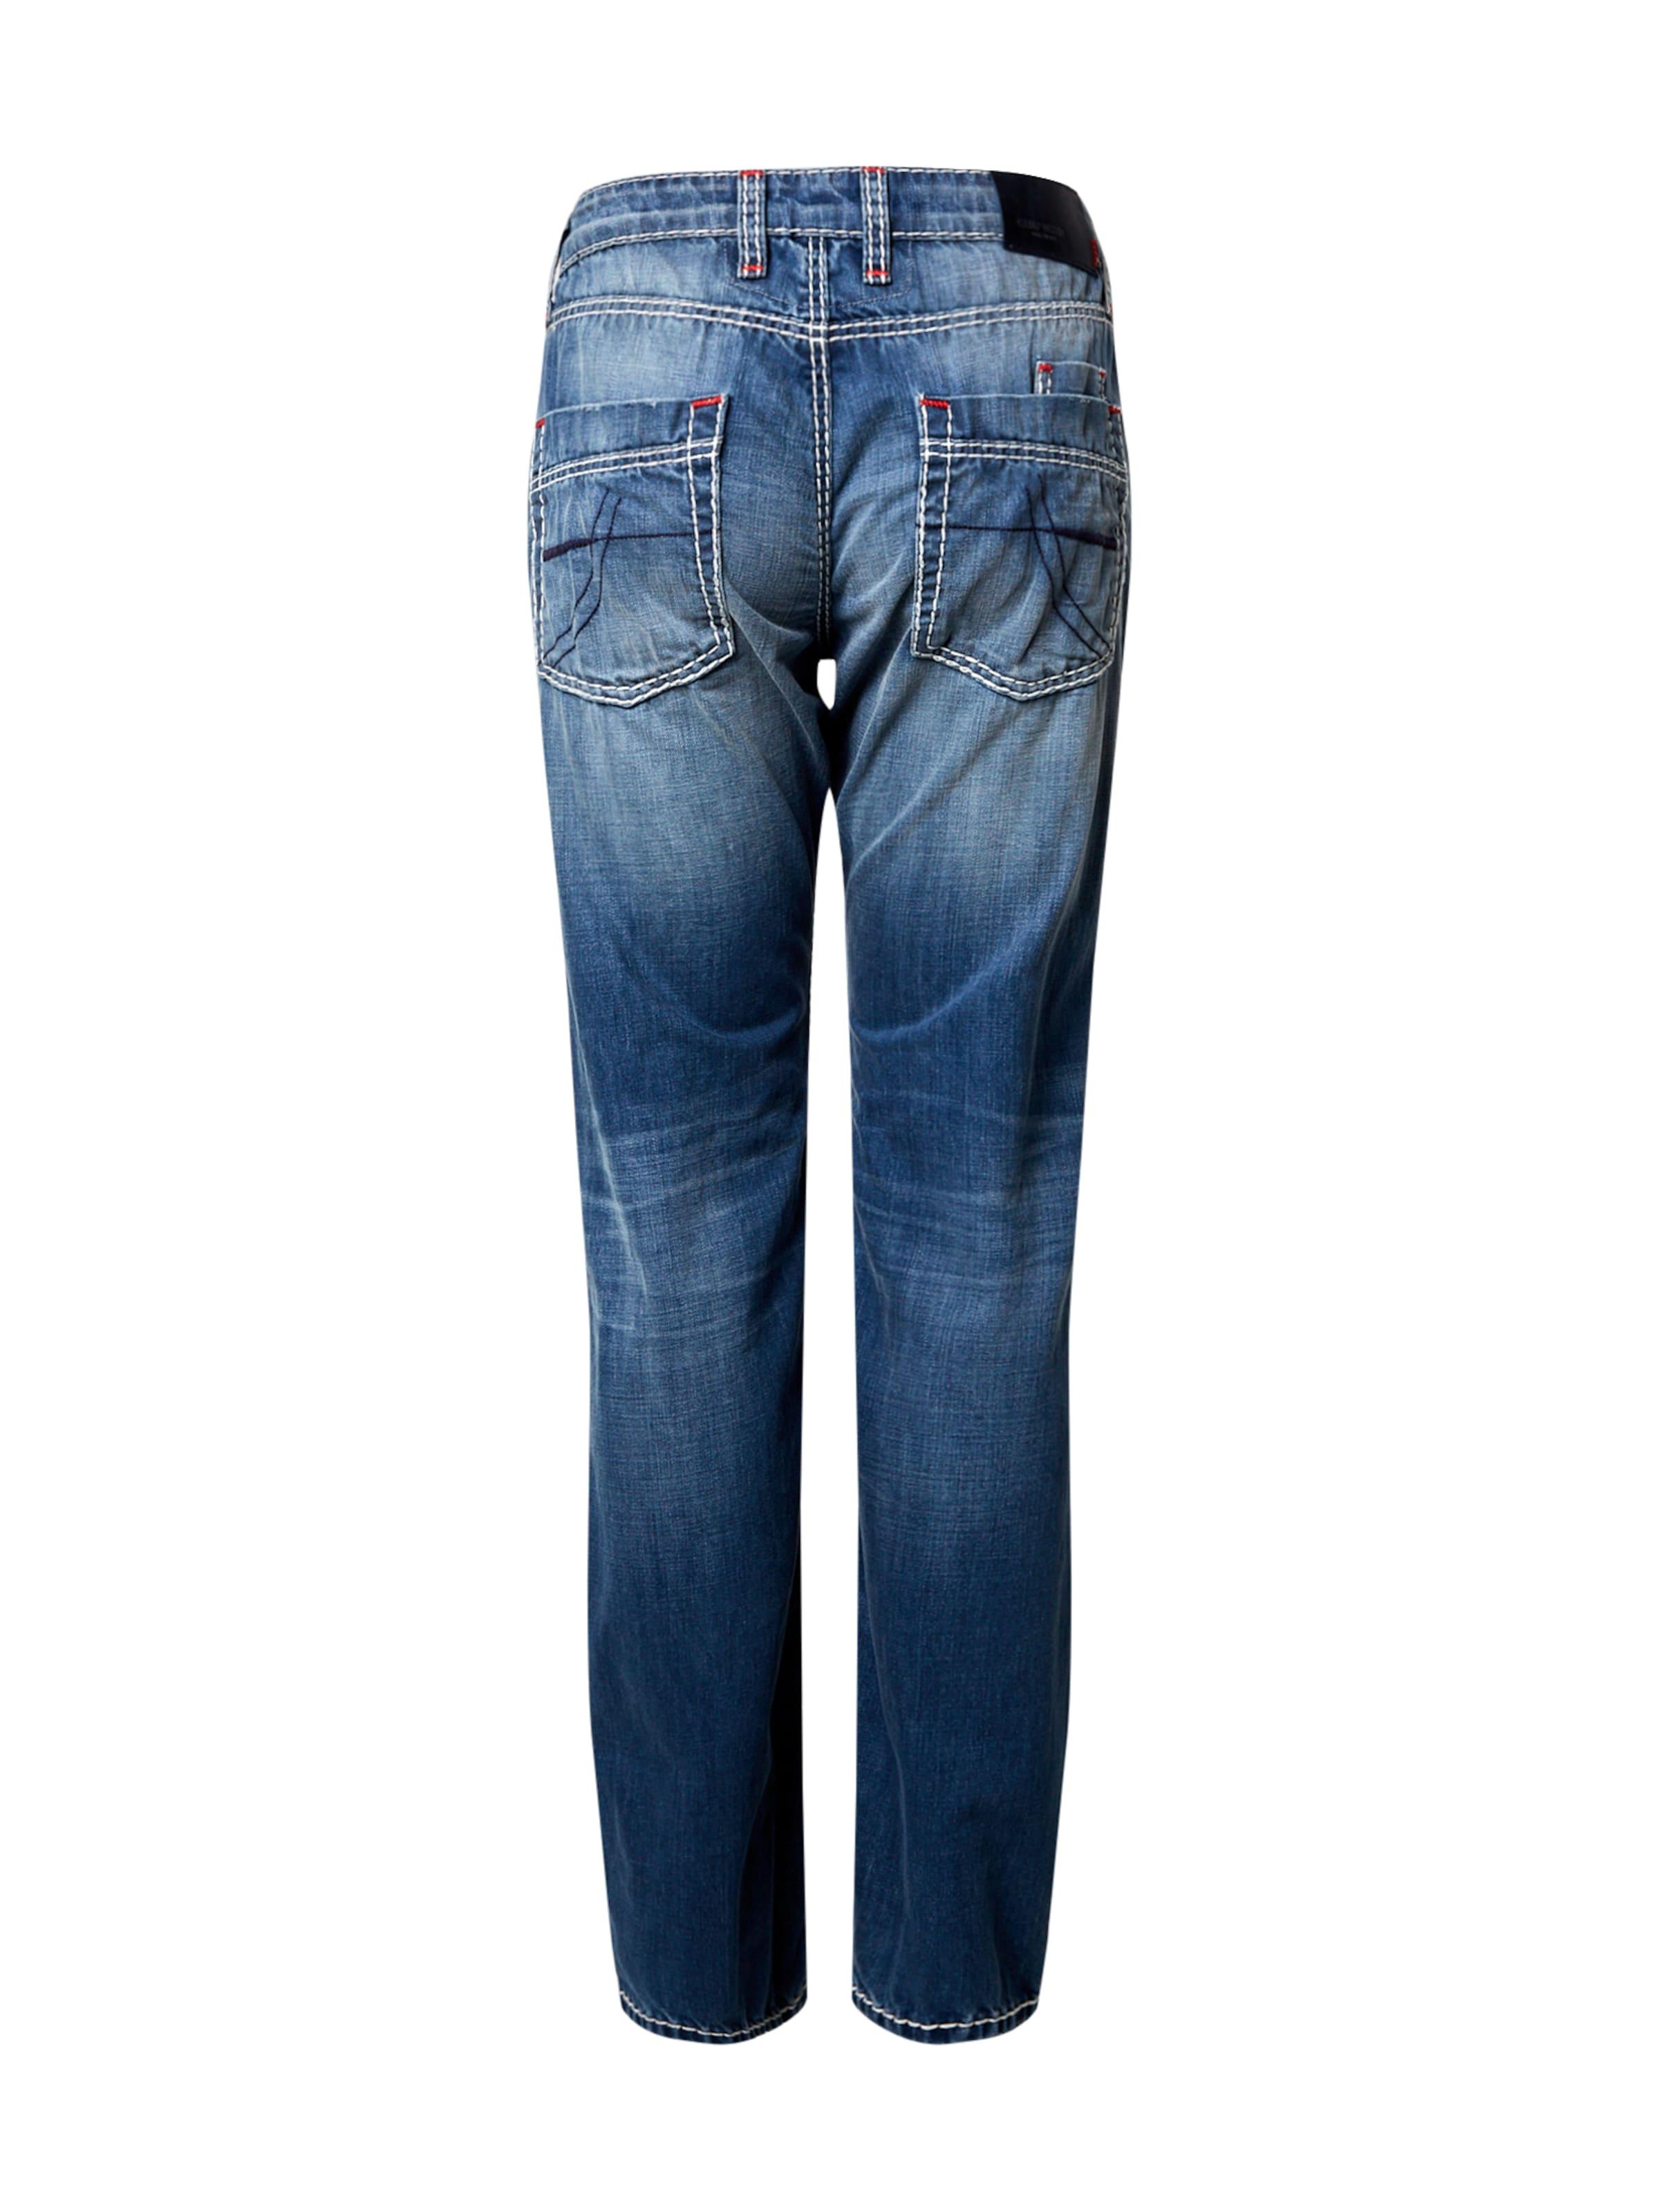 CAMP DAVID Jeans in blue denim Jeans CPD0182001000001